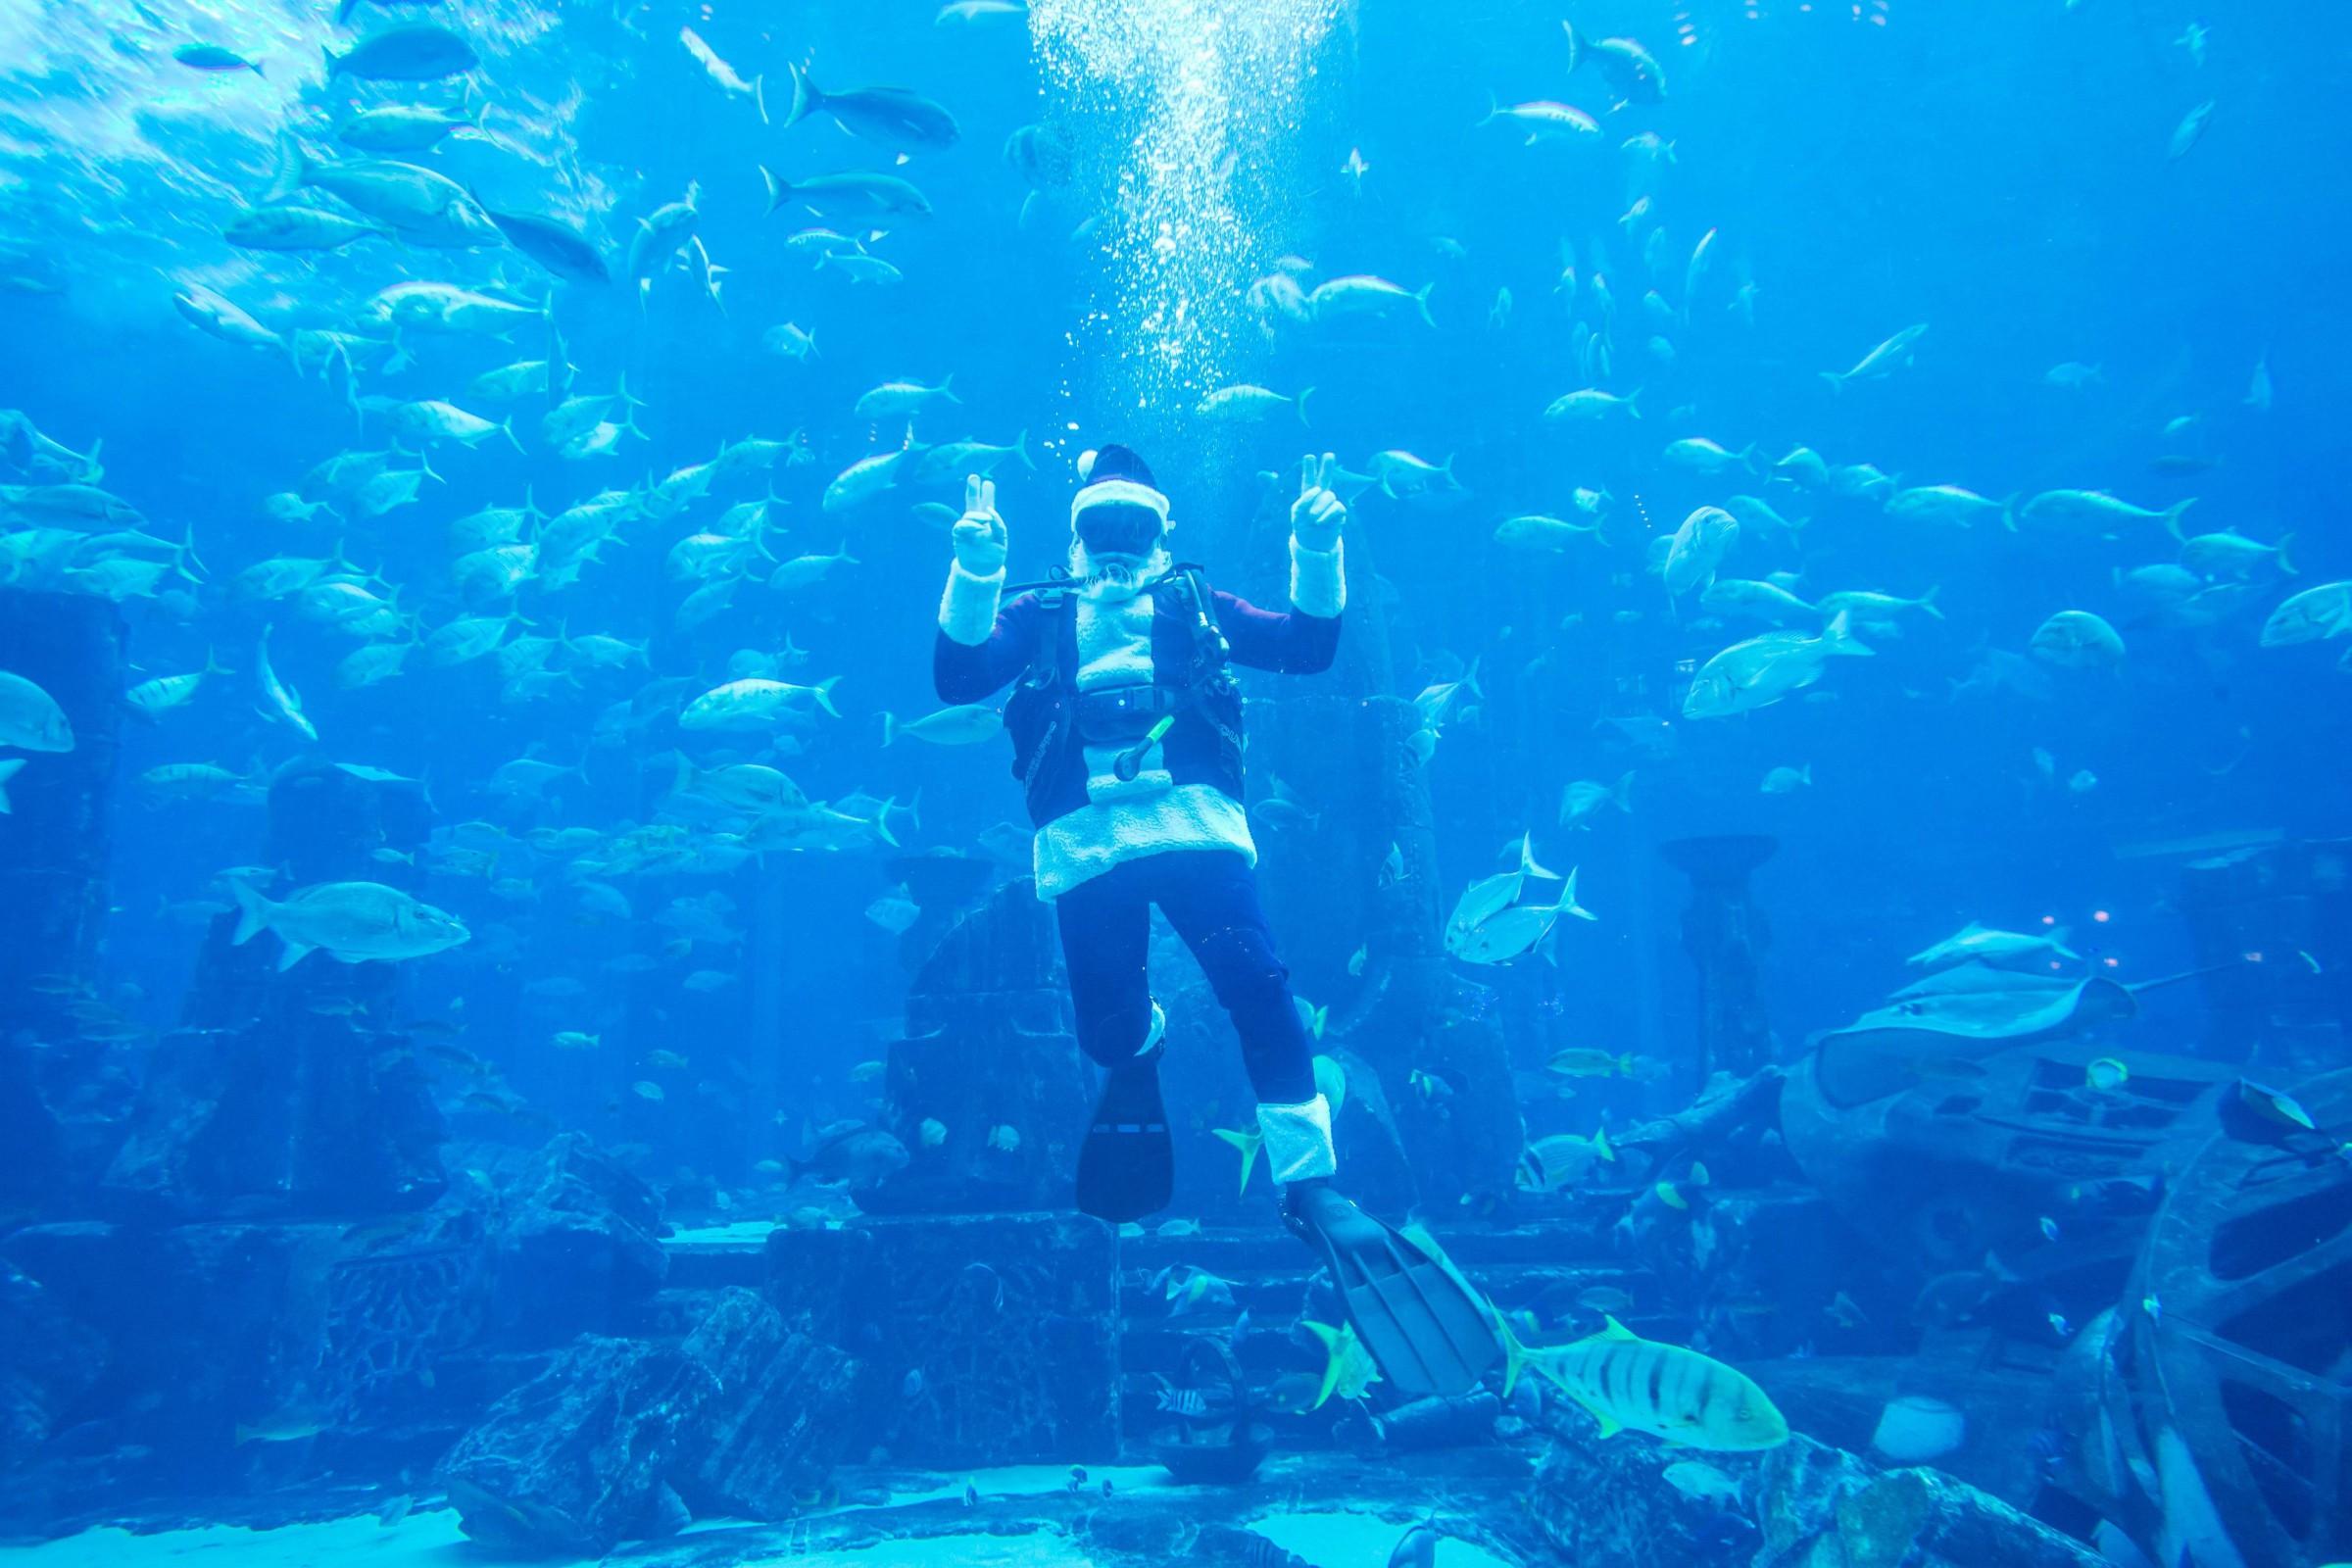 壁纸 海底 海底世界 海洋馆 水族馆 桌面 2400_1600